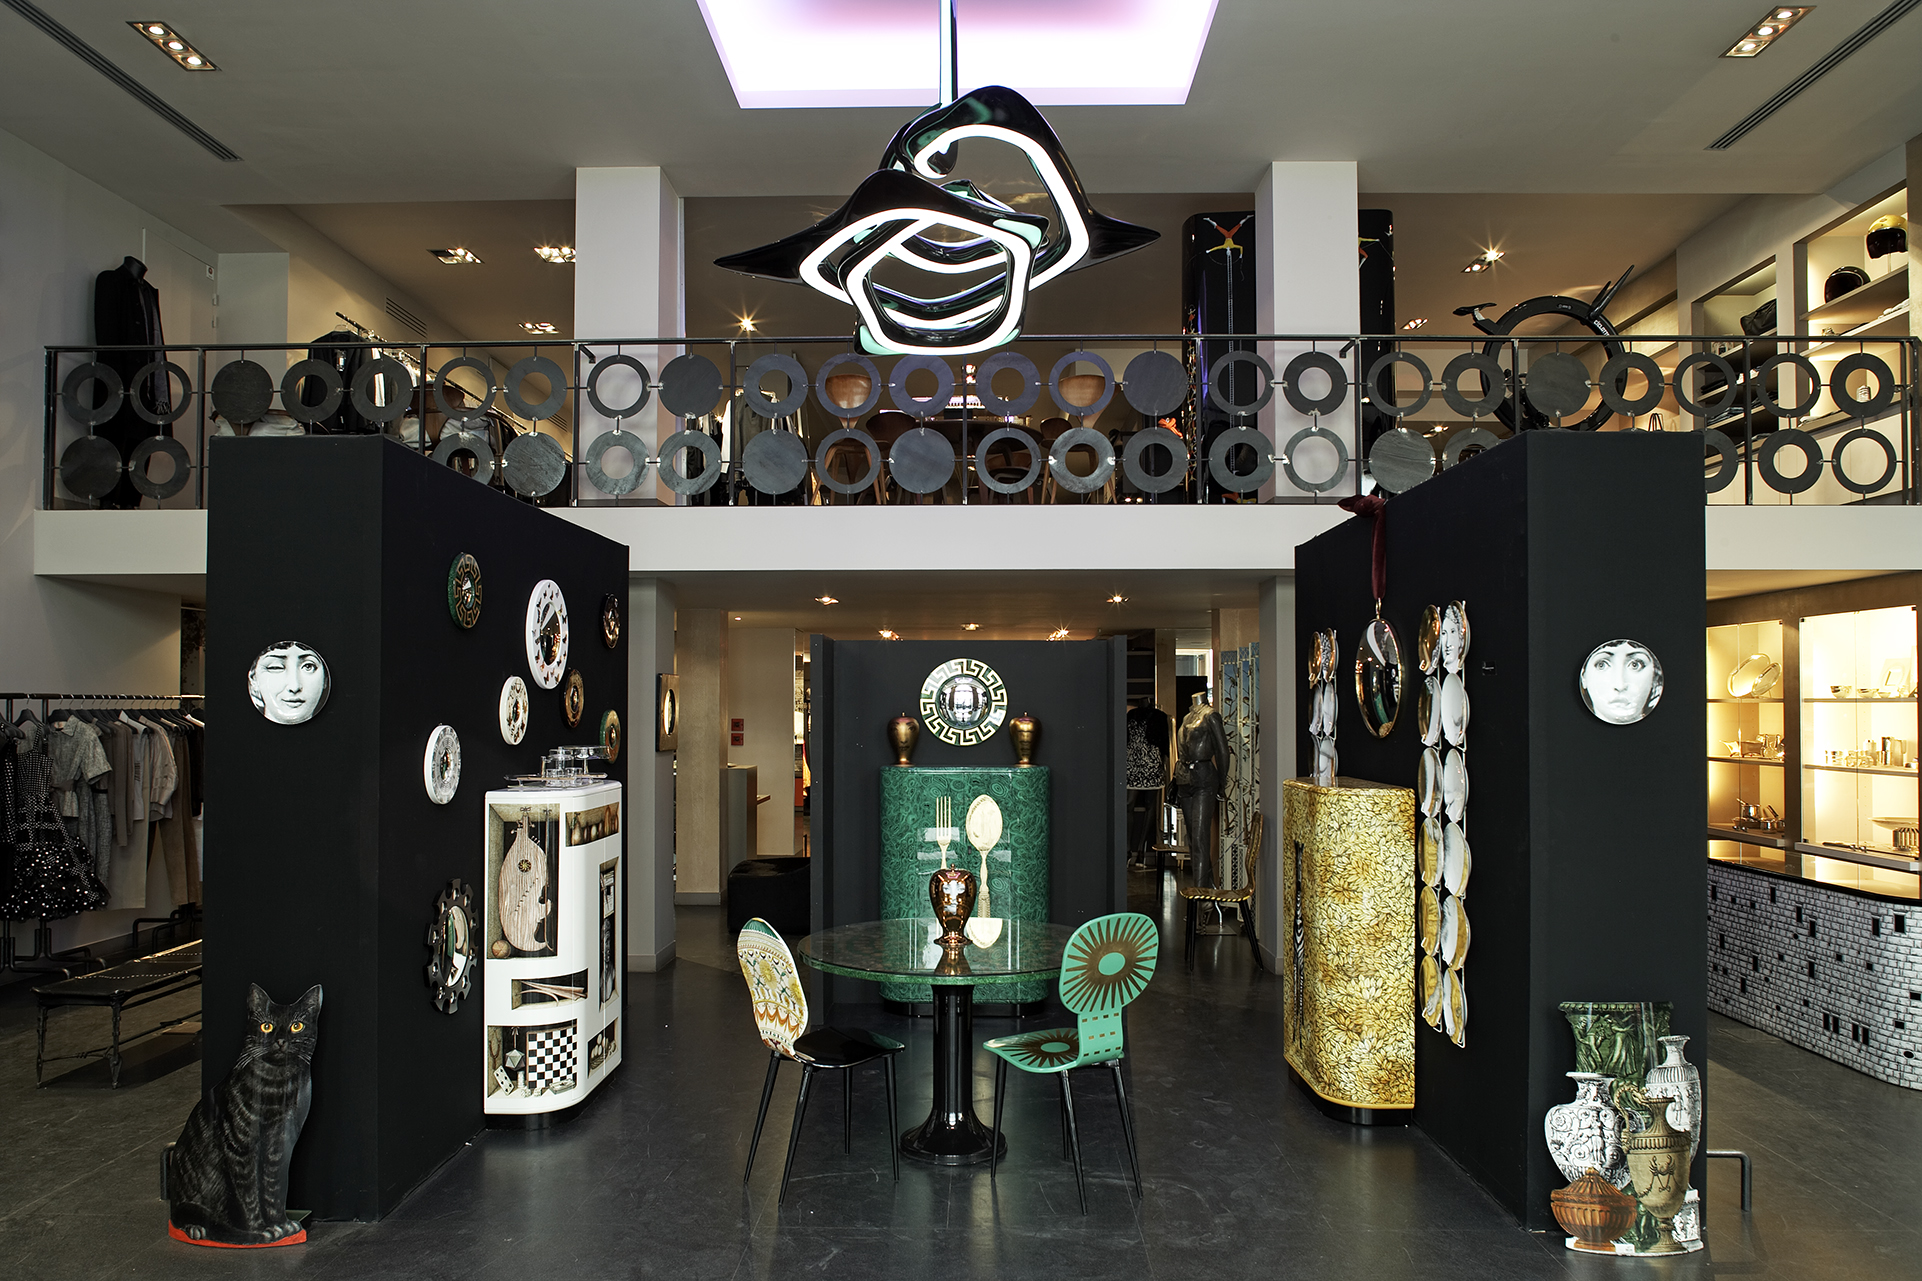 L'Eclaireur's Boissy d'Anglas boutique